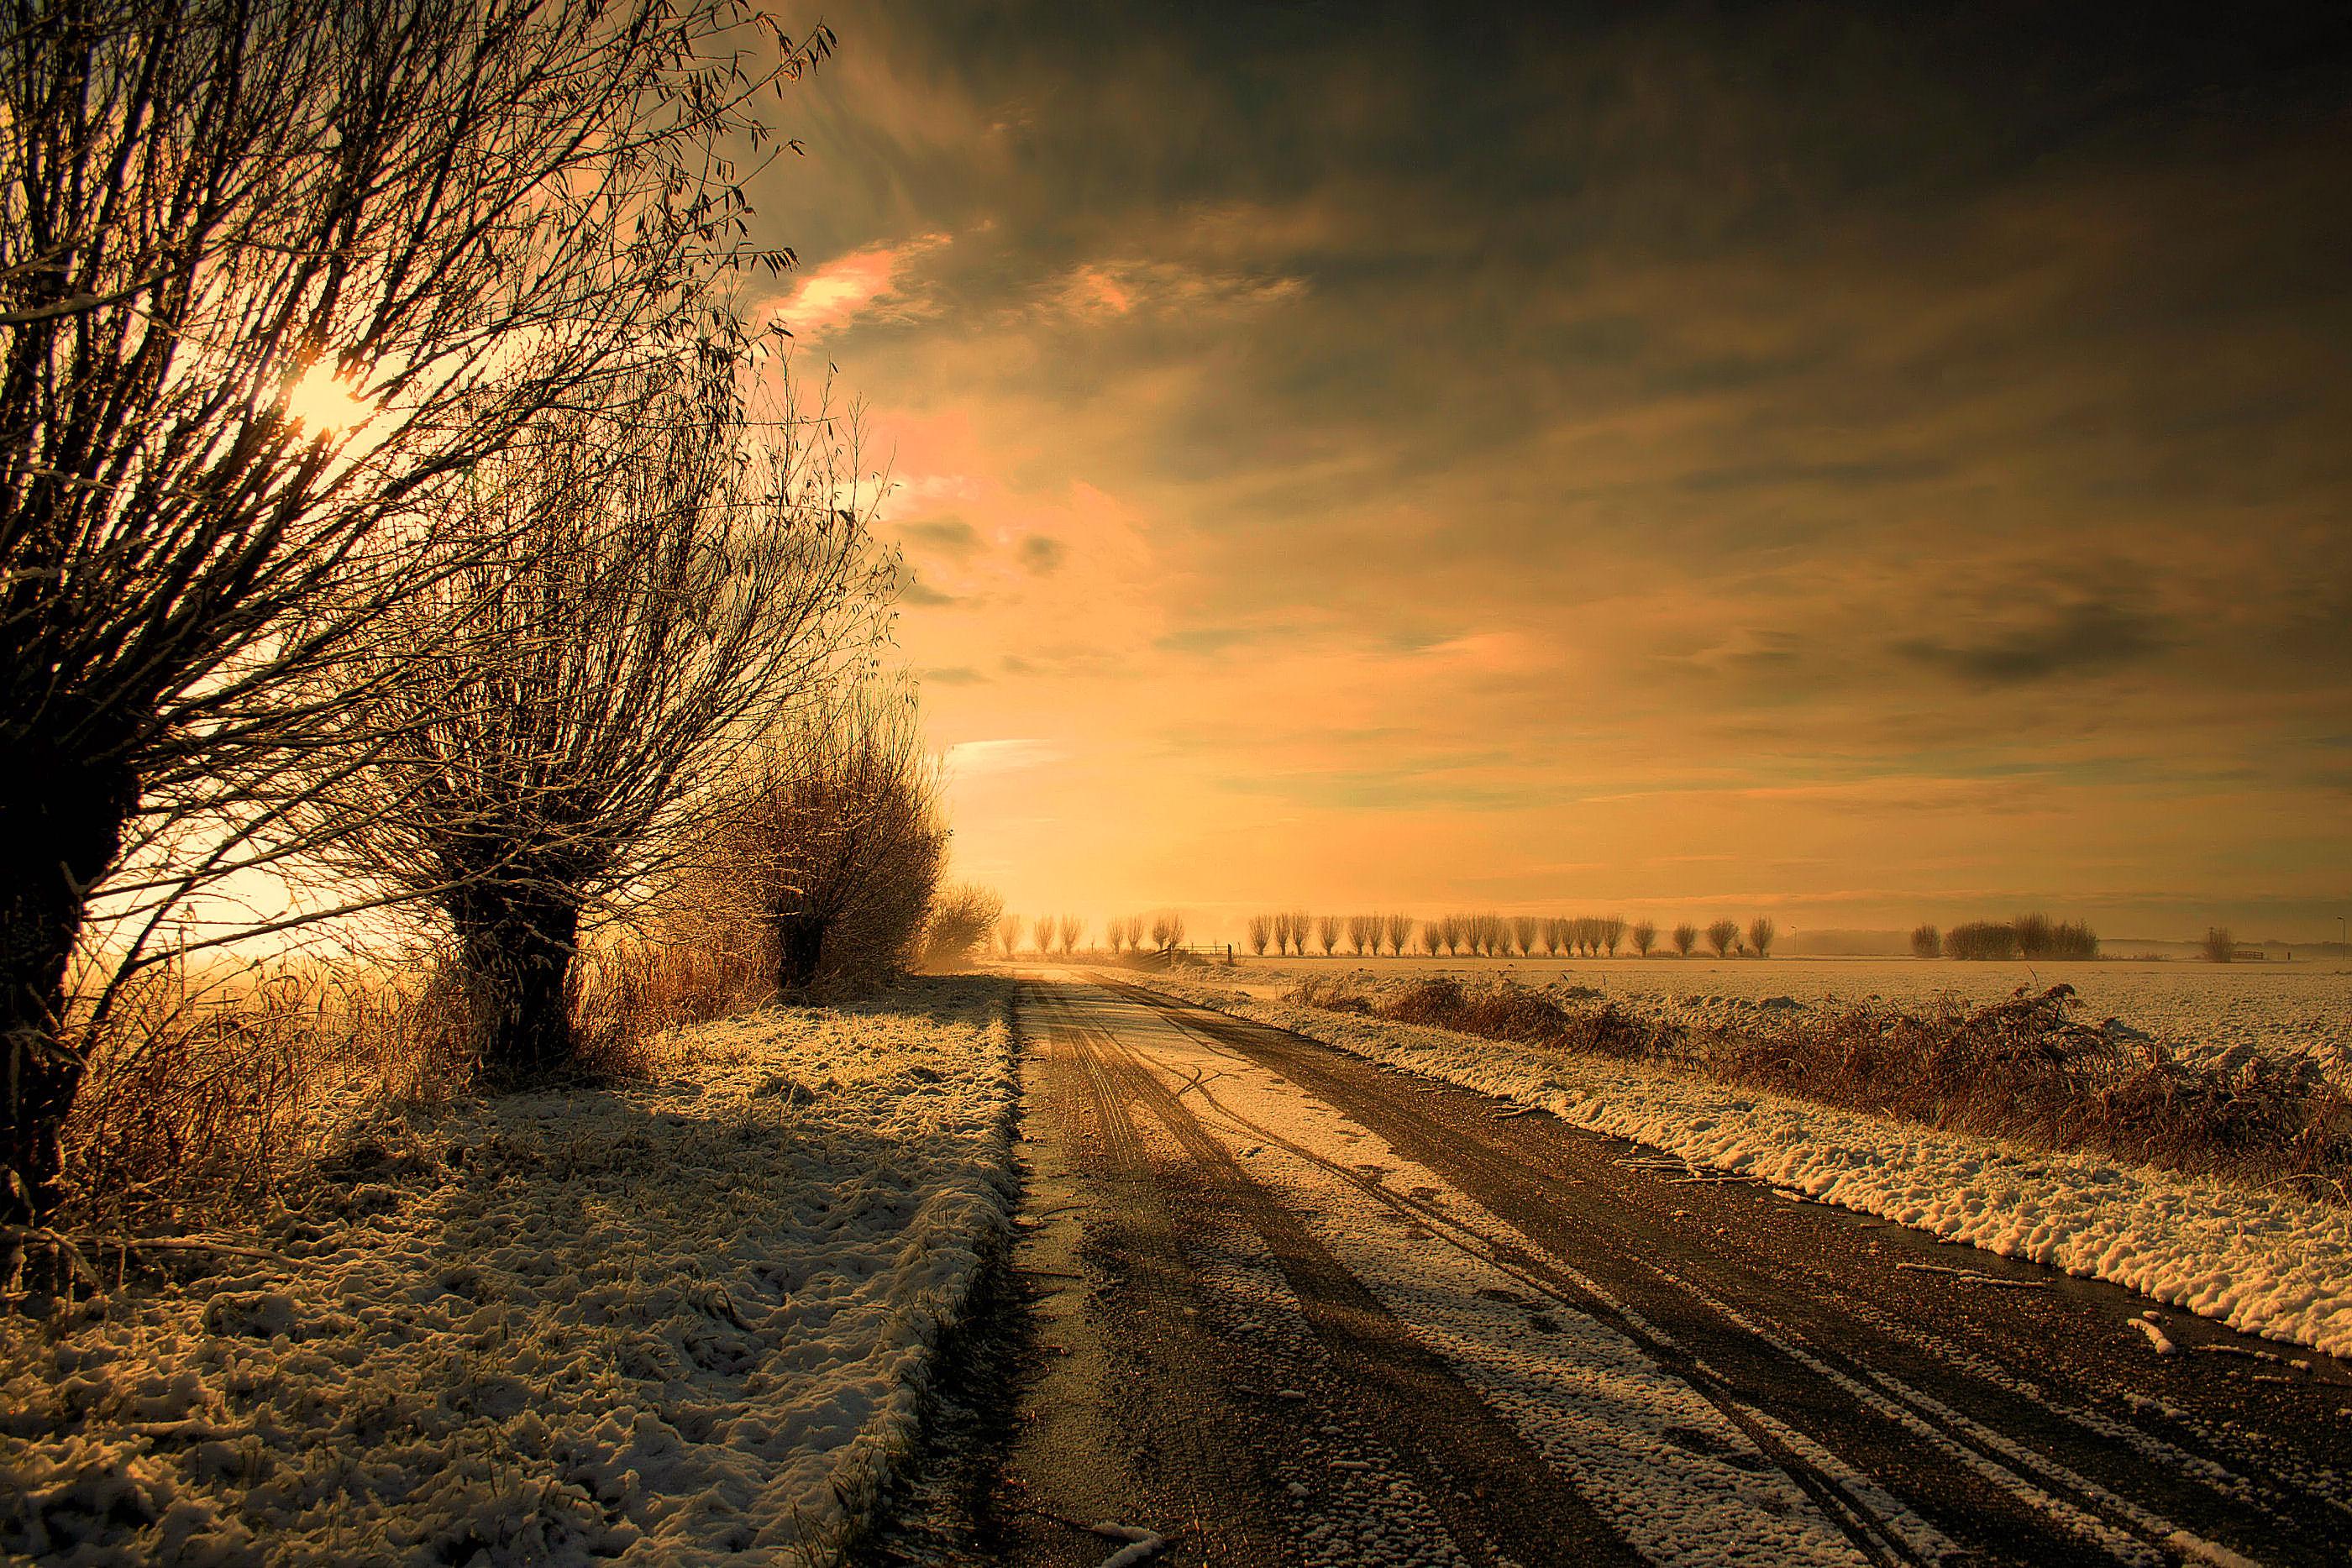 Hintergrundbilder Geburtstag Baume Winter Himmel Natur